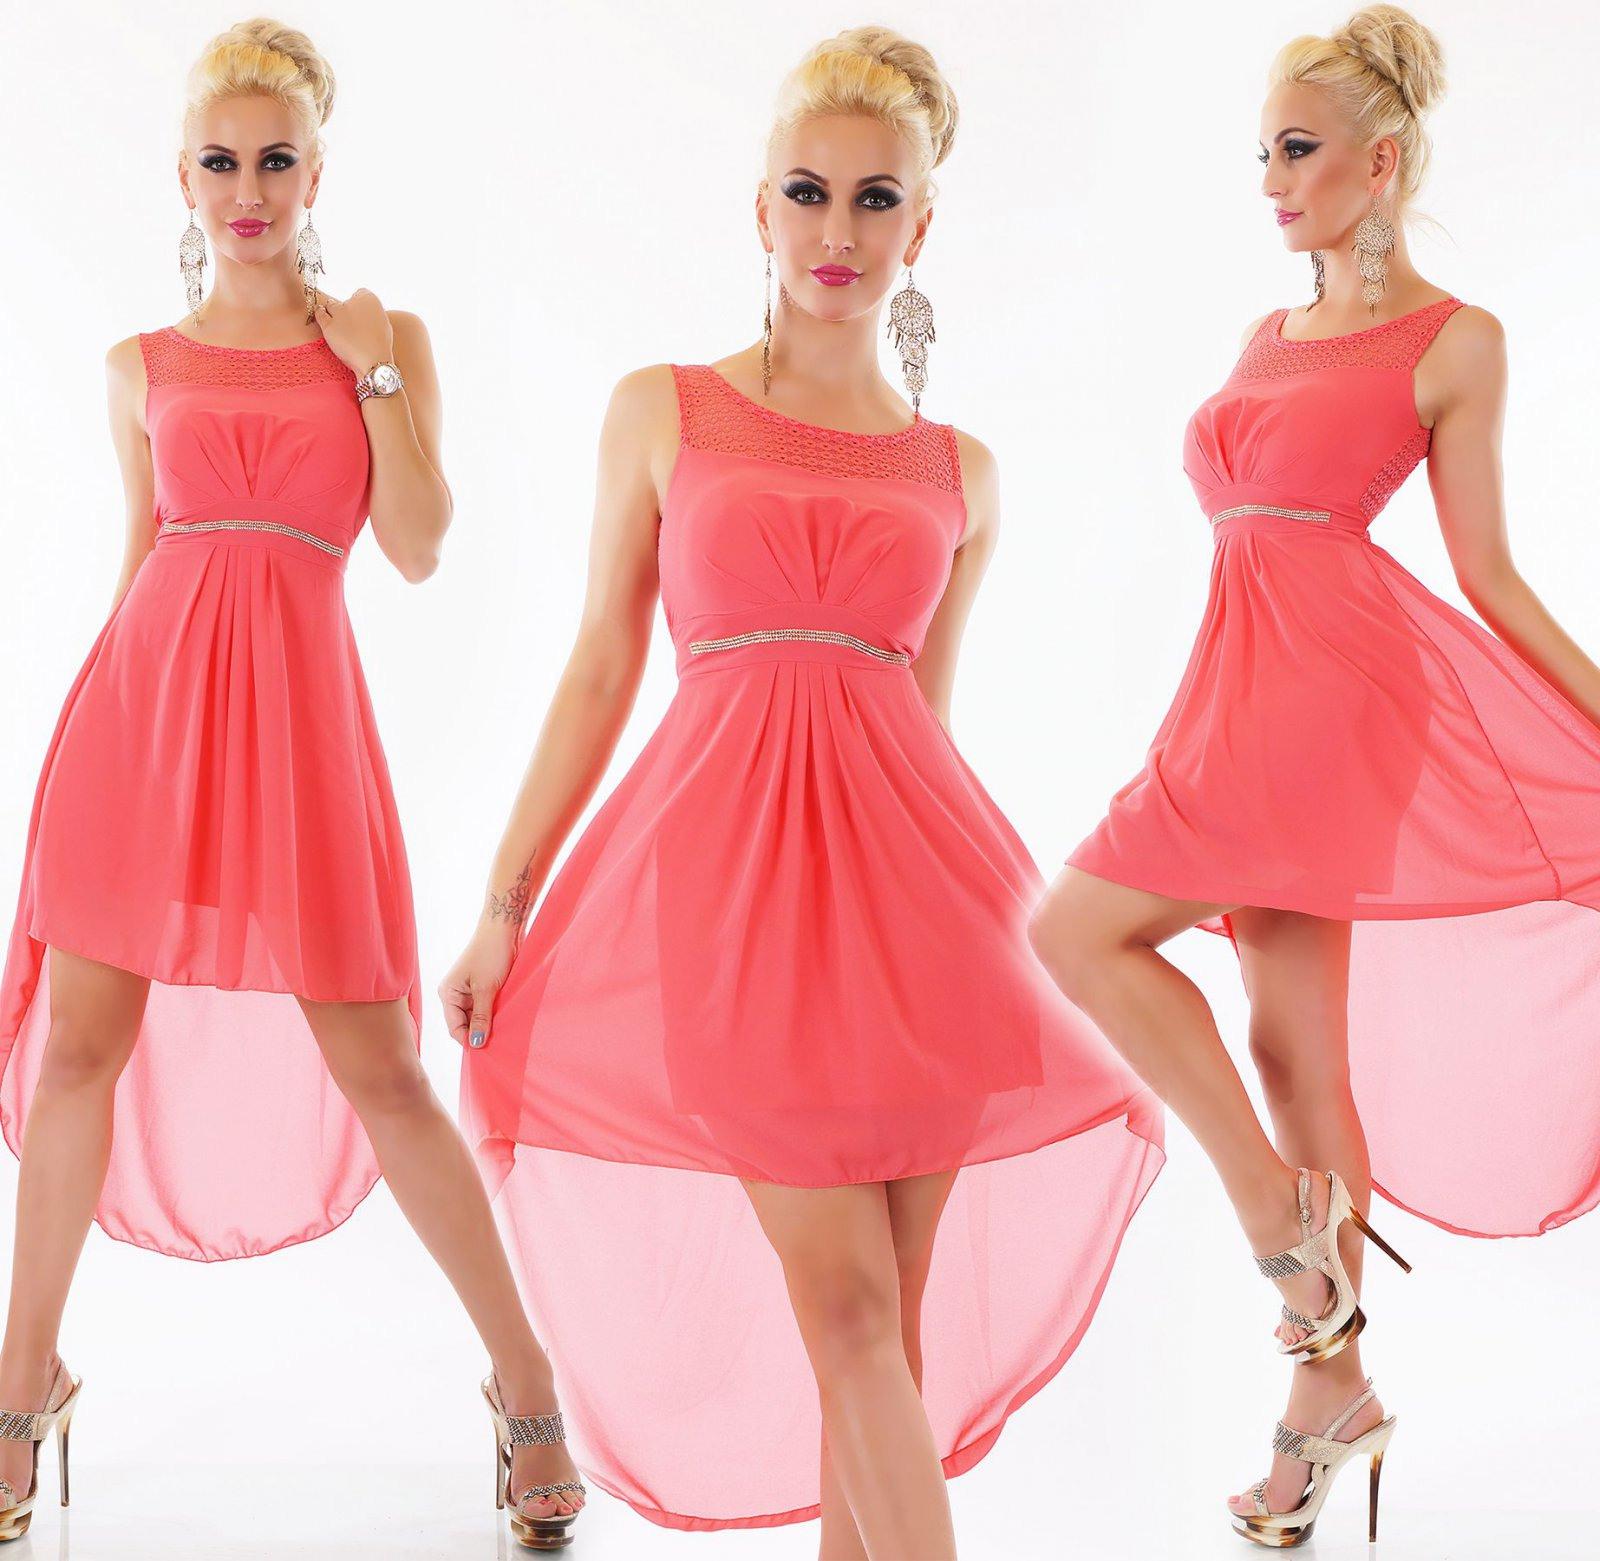 Perfekt Abend-Vokuhila-Kleid Boutique10 Ausgezeichnet Abend-Vokuhila-Kleid Stylish